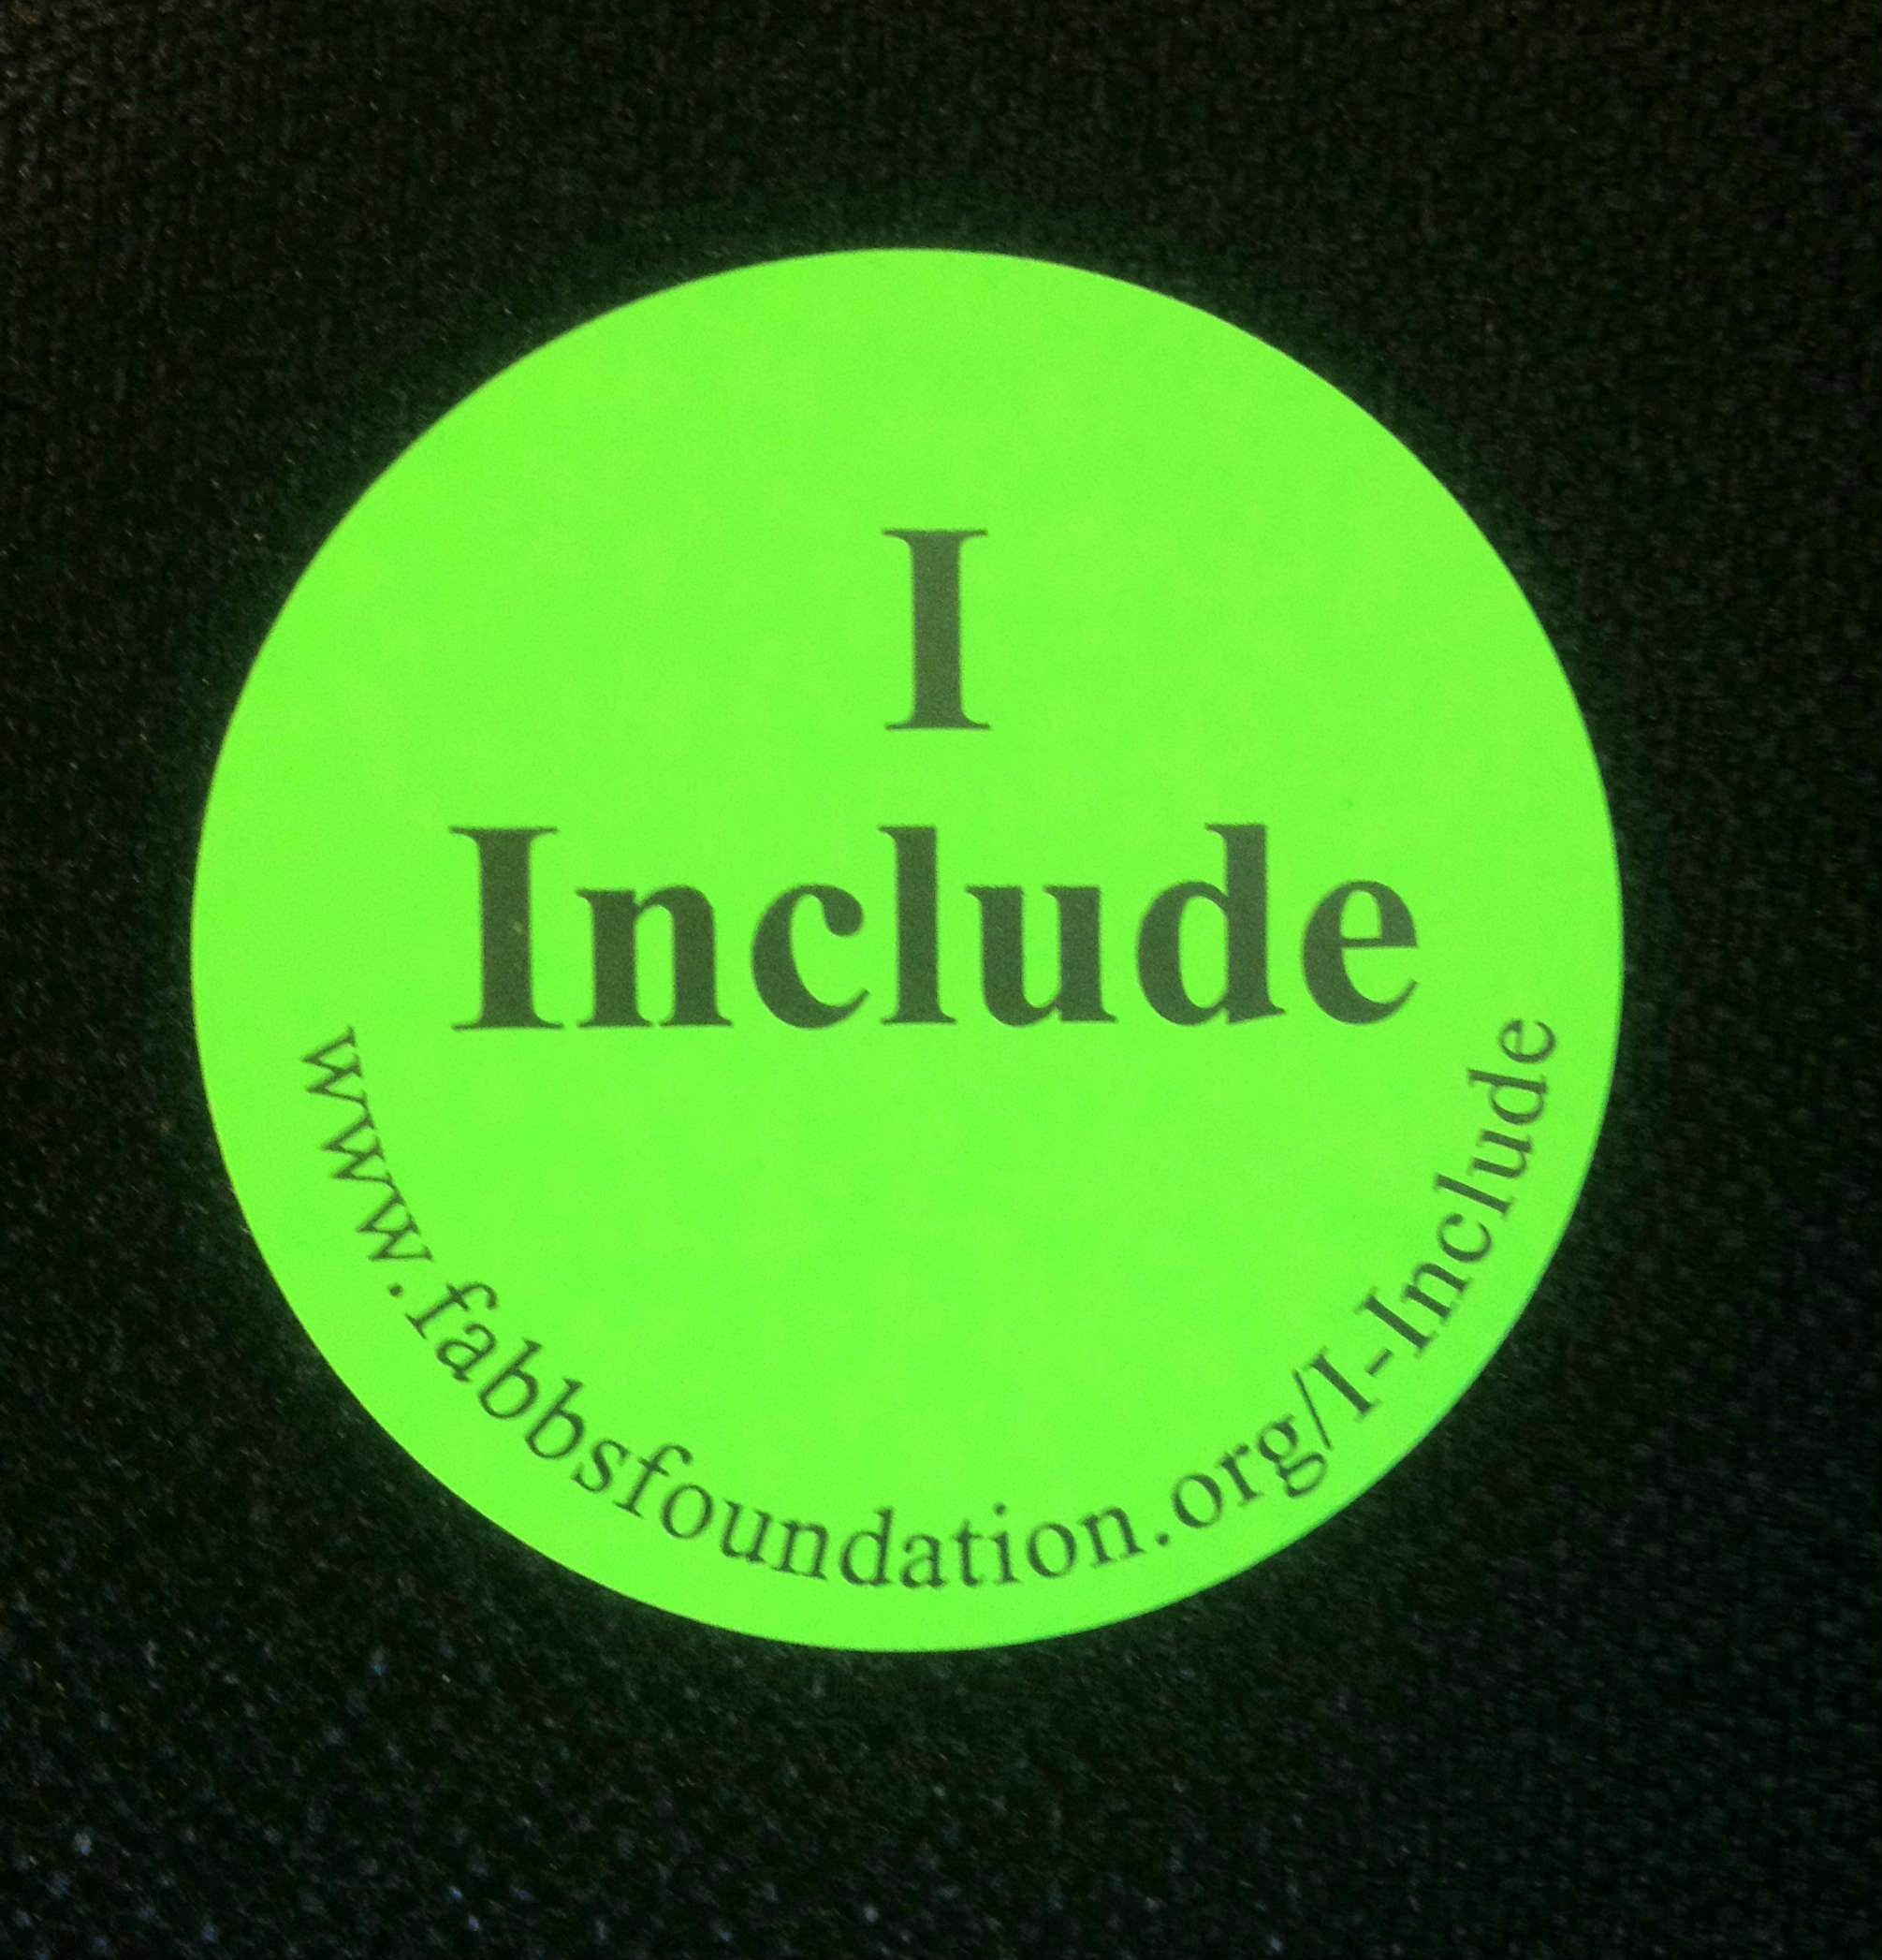 i-include-sticker